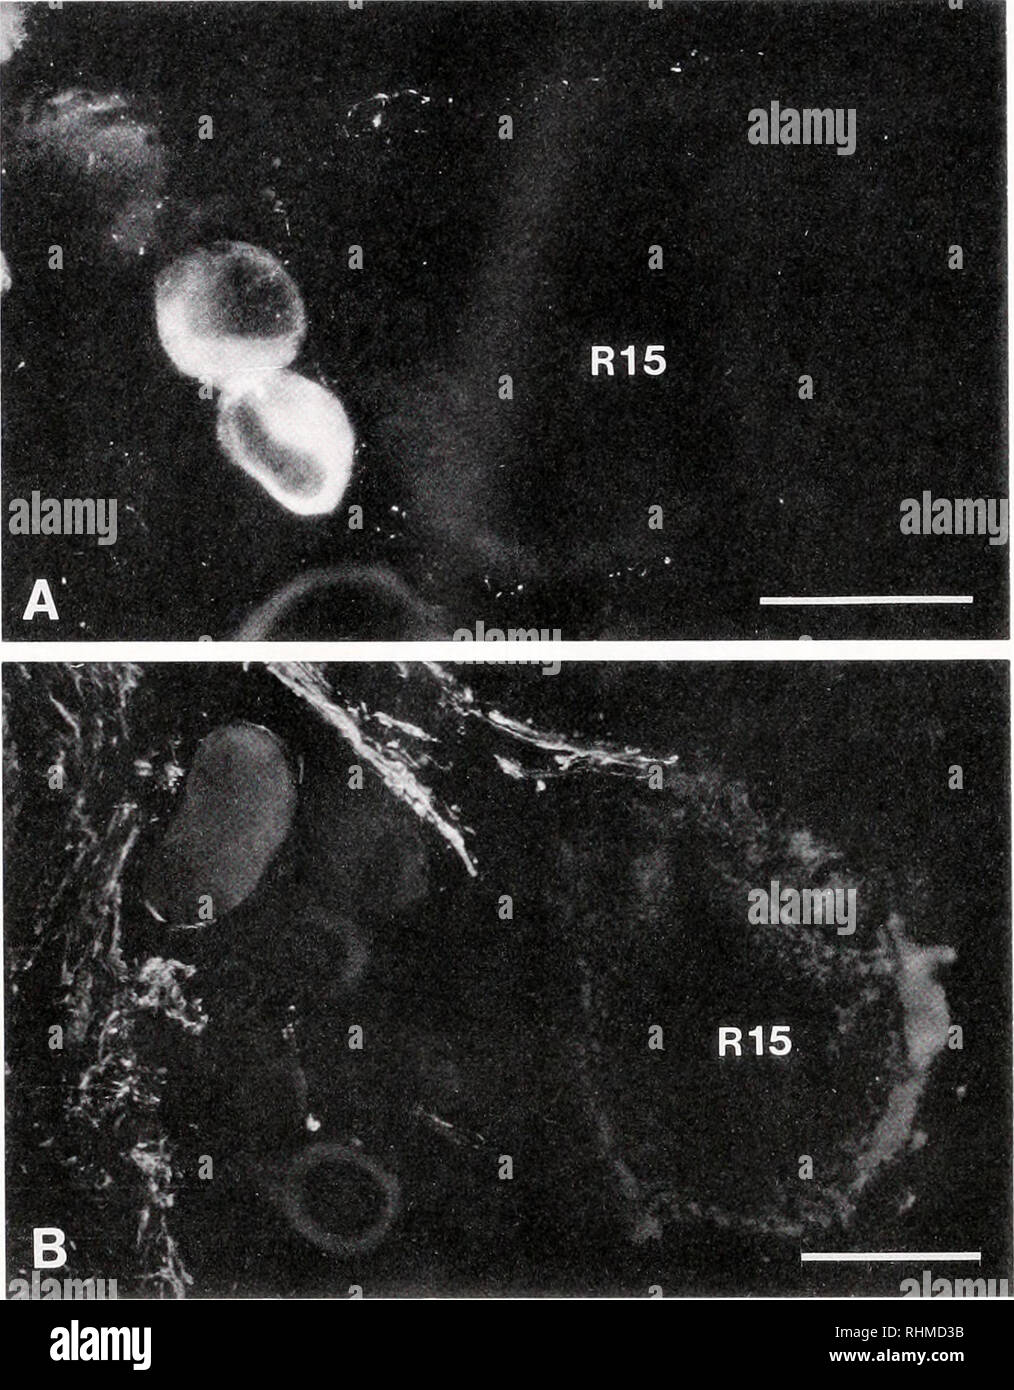 """. Die biologische Bulletin. Biologie; Zoologie; Biologie; Meeresbiologie. 492 S. und G. J. MPITSOS SOINILA. Abbildung 5. Neuron RI 5 von Aplvsia abdominal Ganglienzellen. Serotonin- (A) und (B) FMRFamide-immu-noreaelive Klemmen Surround eng R 15 Soma (A) oder deren Axon hillock Region (B). Bar = 100^m. medial Ecken und an der kaudalen Rand. Die 1 """"IP-immu-noreactive Neuronen vor allem auf die dorso-medial Region liegt. Die Anzahl der FMRFamide - und Scpb - immunoreaktives Neuronen war größer als diejenigen für andere Färbungen. Zurück - Einspritzanlage/Aplysia zerebral-bukkale Bindegewebe. Um zu prüfen, die Herkunft der Stockbild"""